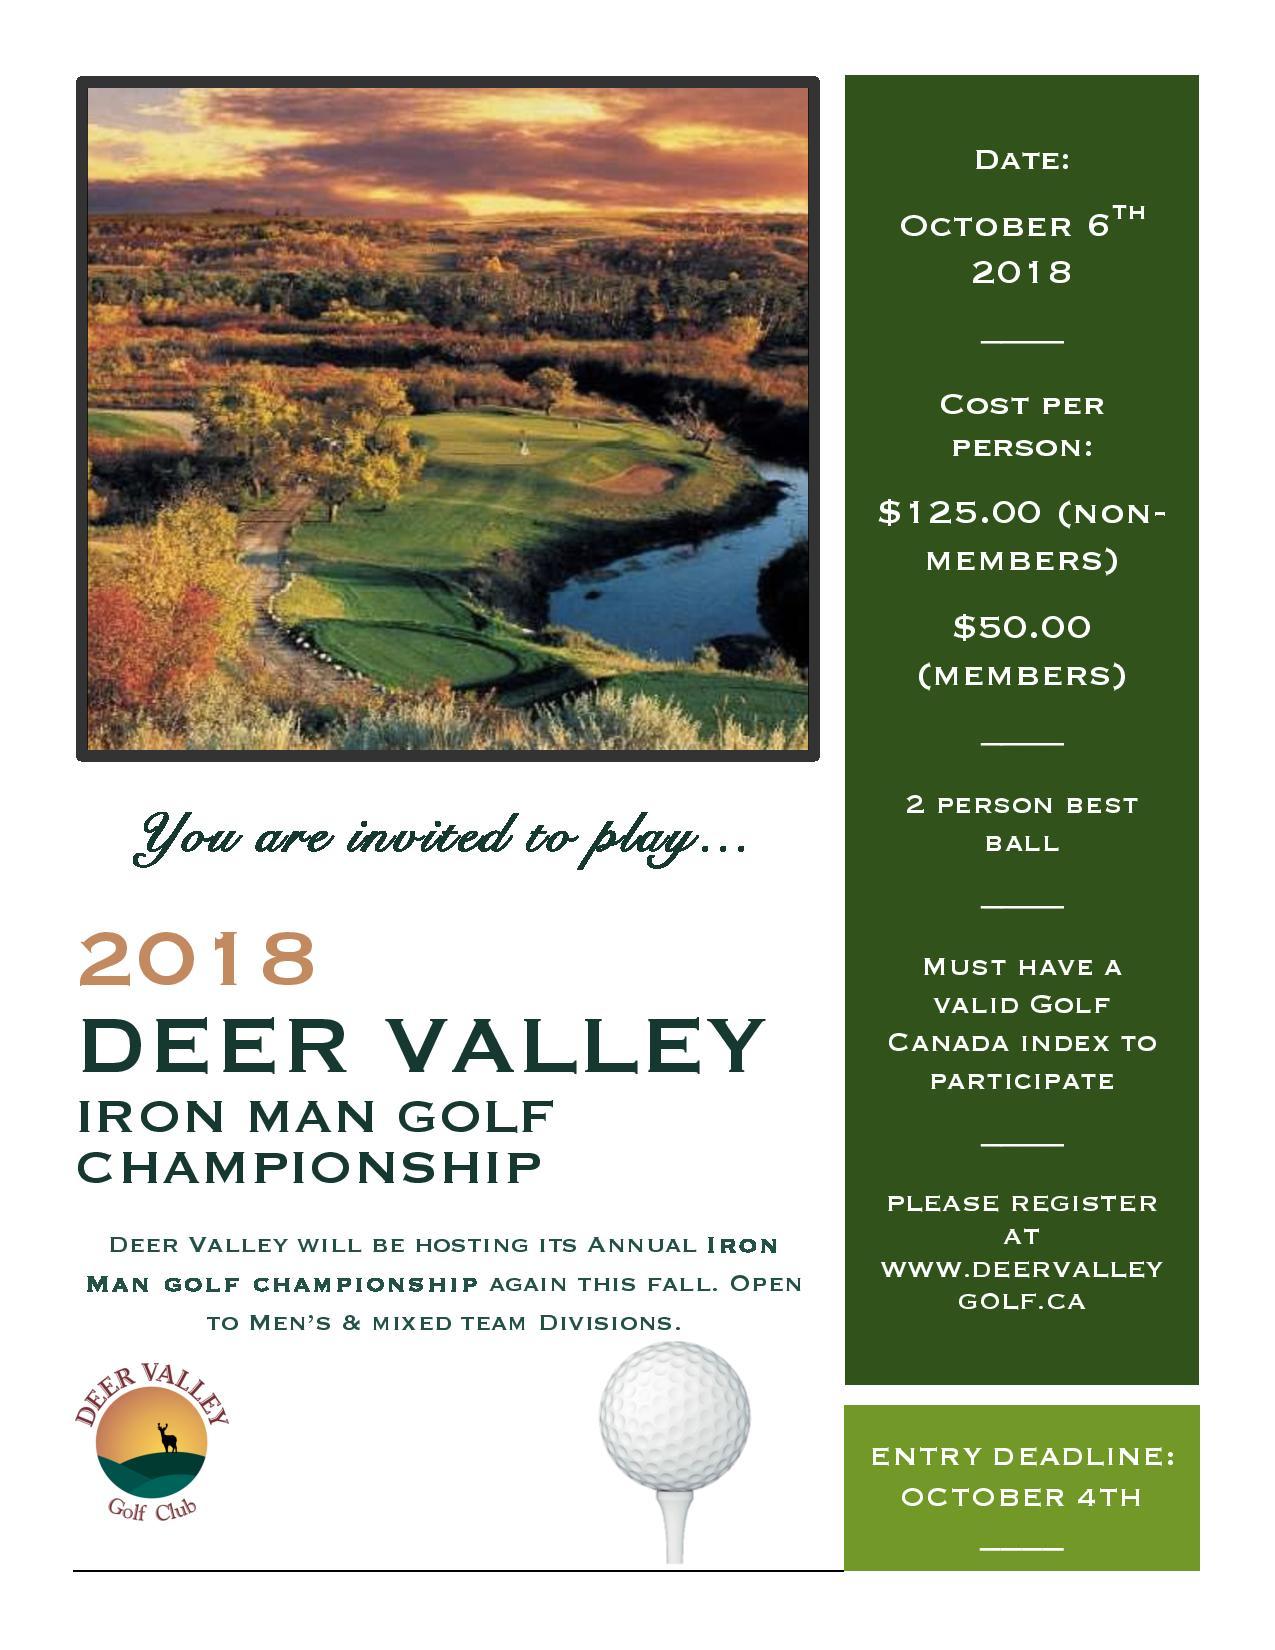 Iron Man Golf Tournament October 6th - Image 1